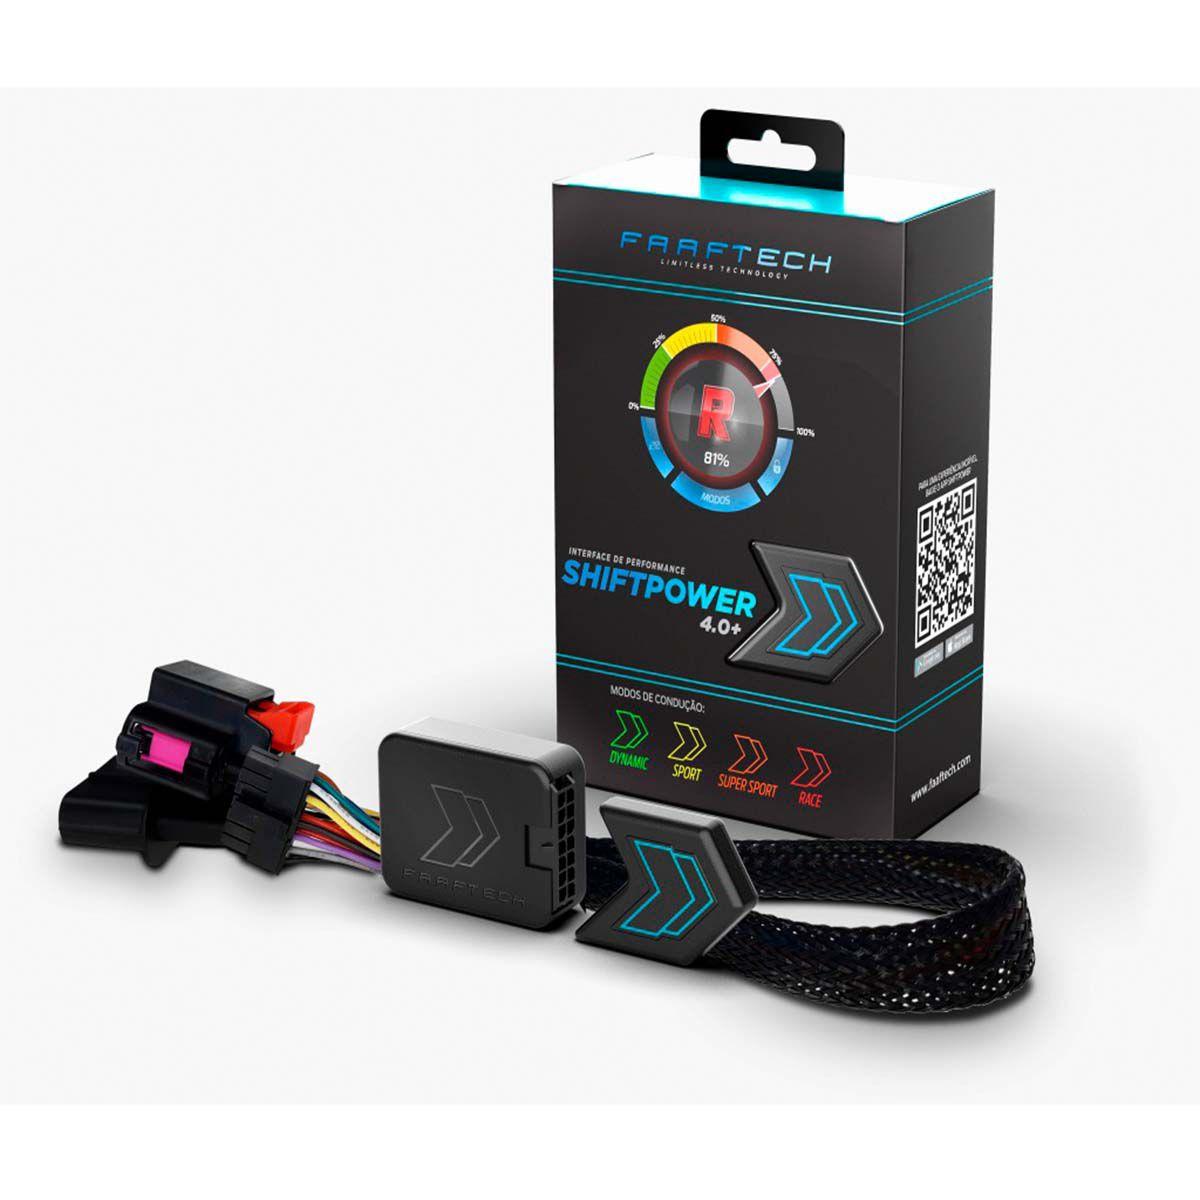 Shift Power Novo 4.0+ para Kia Sorento Chip Acelerador Plug Play Bluetooth Faaftech FT-SP15+